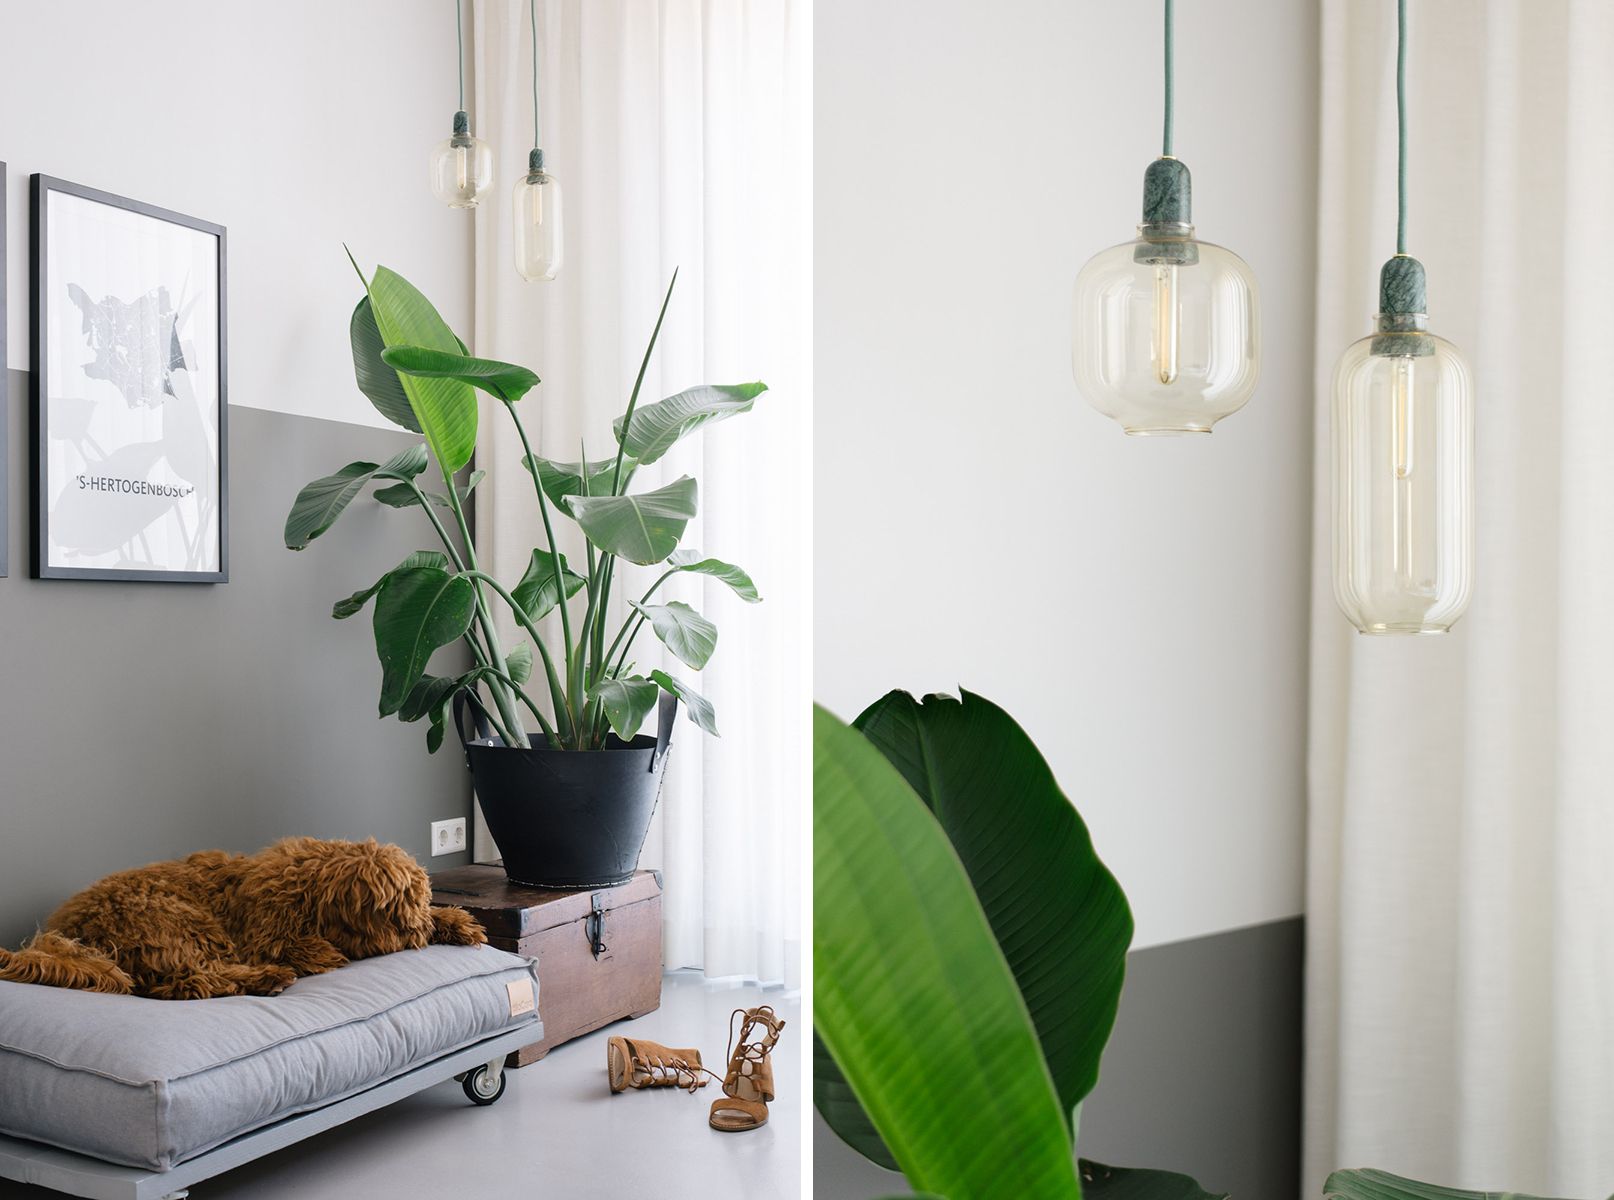 Sfeerverlichting In Woonkamer : Sfeerverlichting woonkamer nieuwe lampen achter de bank remade